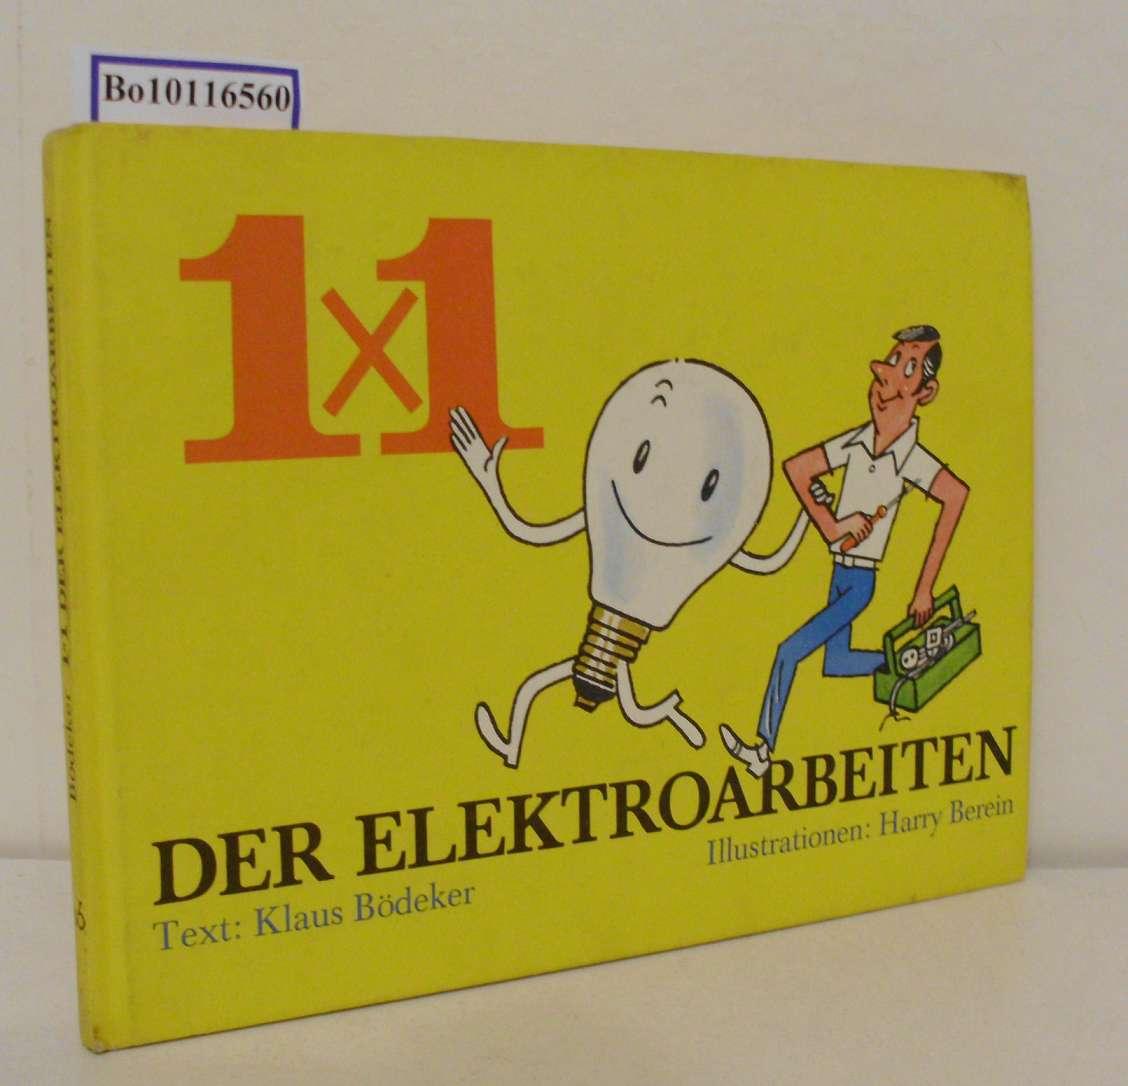 1x1[Einmaleins] der Elektroarbeiten Klaus Bödeker. Mit Zeichn. von Harri Berein